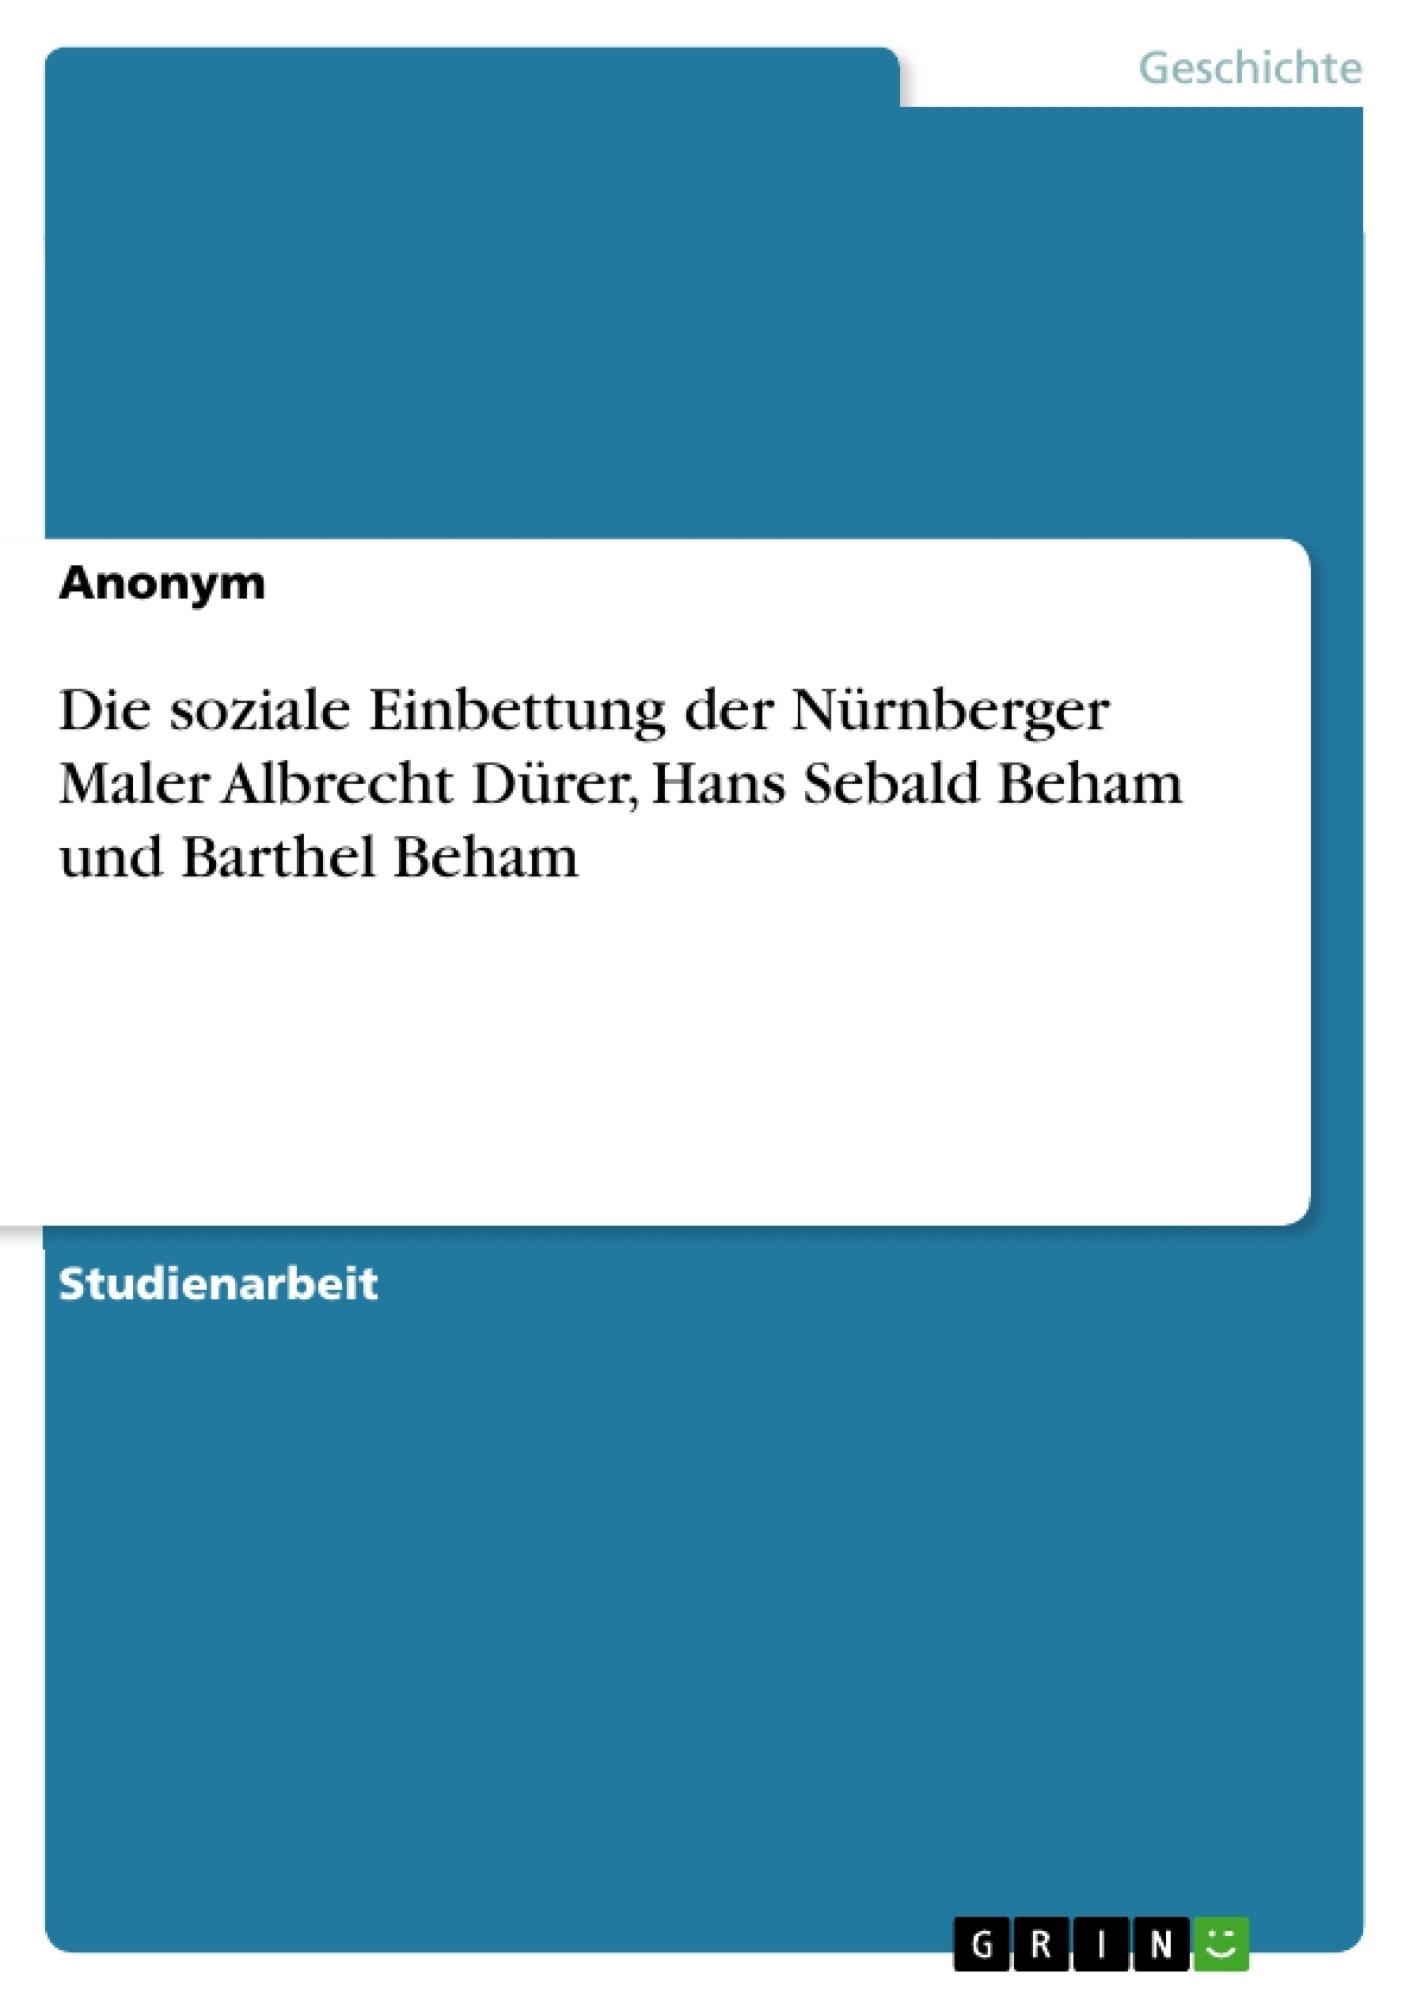 Titel: Die soziale Einbettung der Nürnberger Maler Albrecht Dürer, Hans Sebald Beham und Barthel Beham